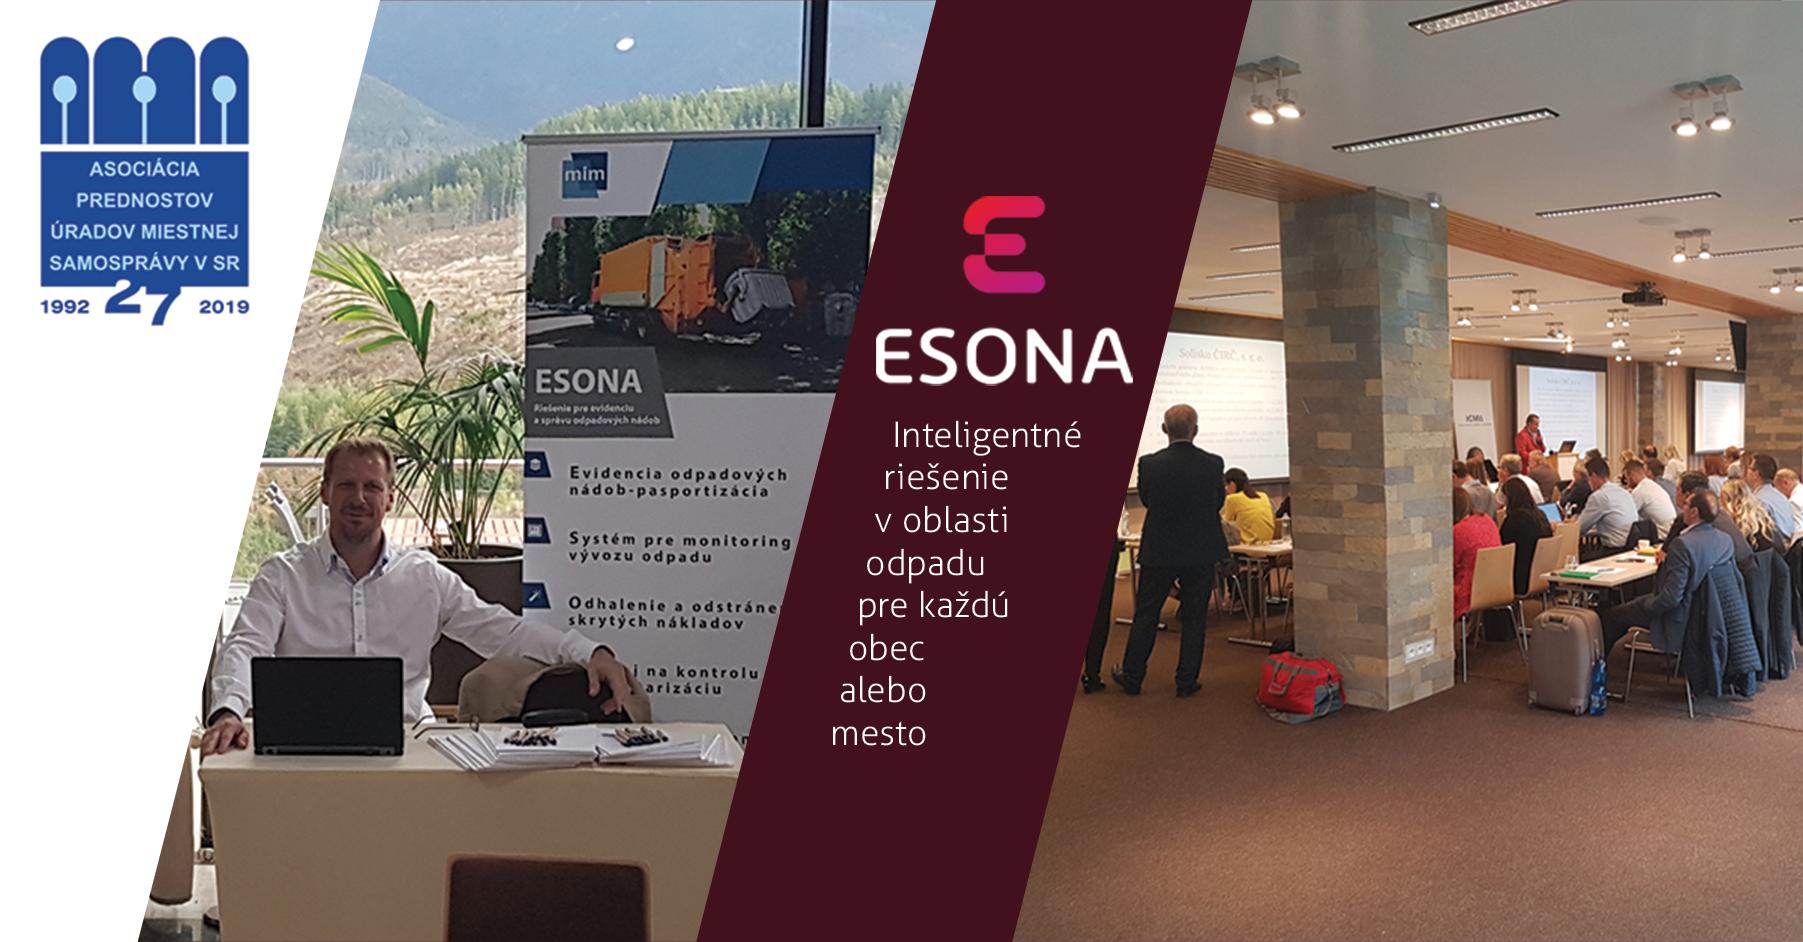 ESONA prezentovaná na ďalšom ročníku odbornej konferencie APÚMS 2019